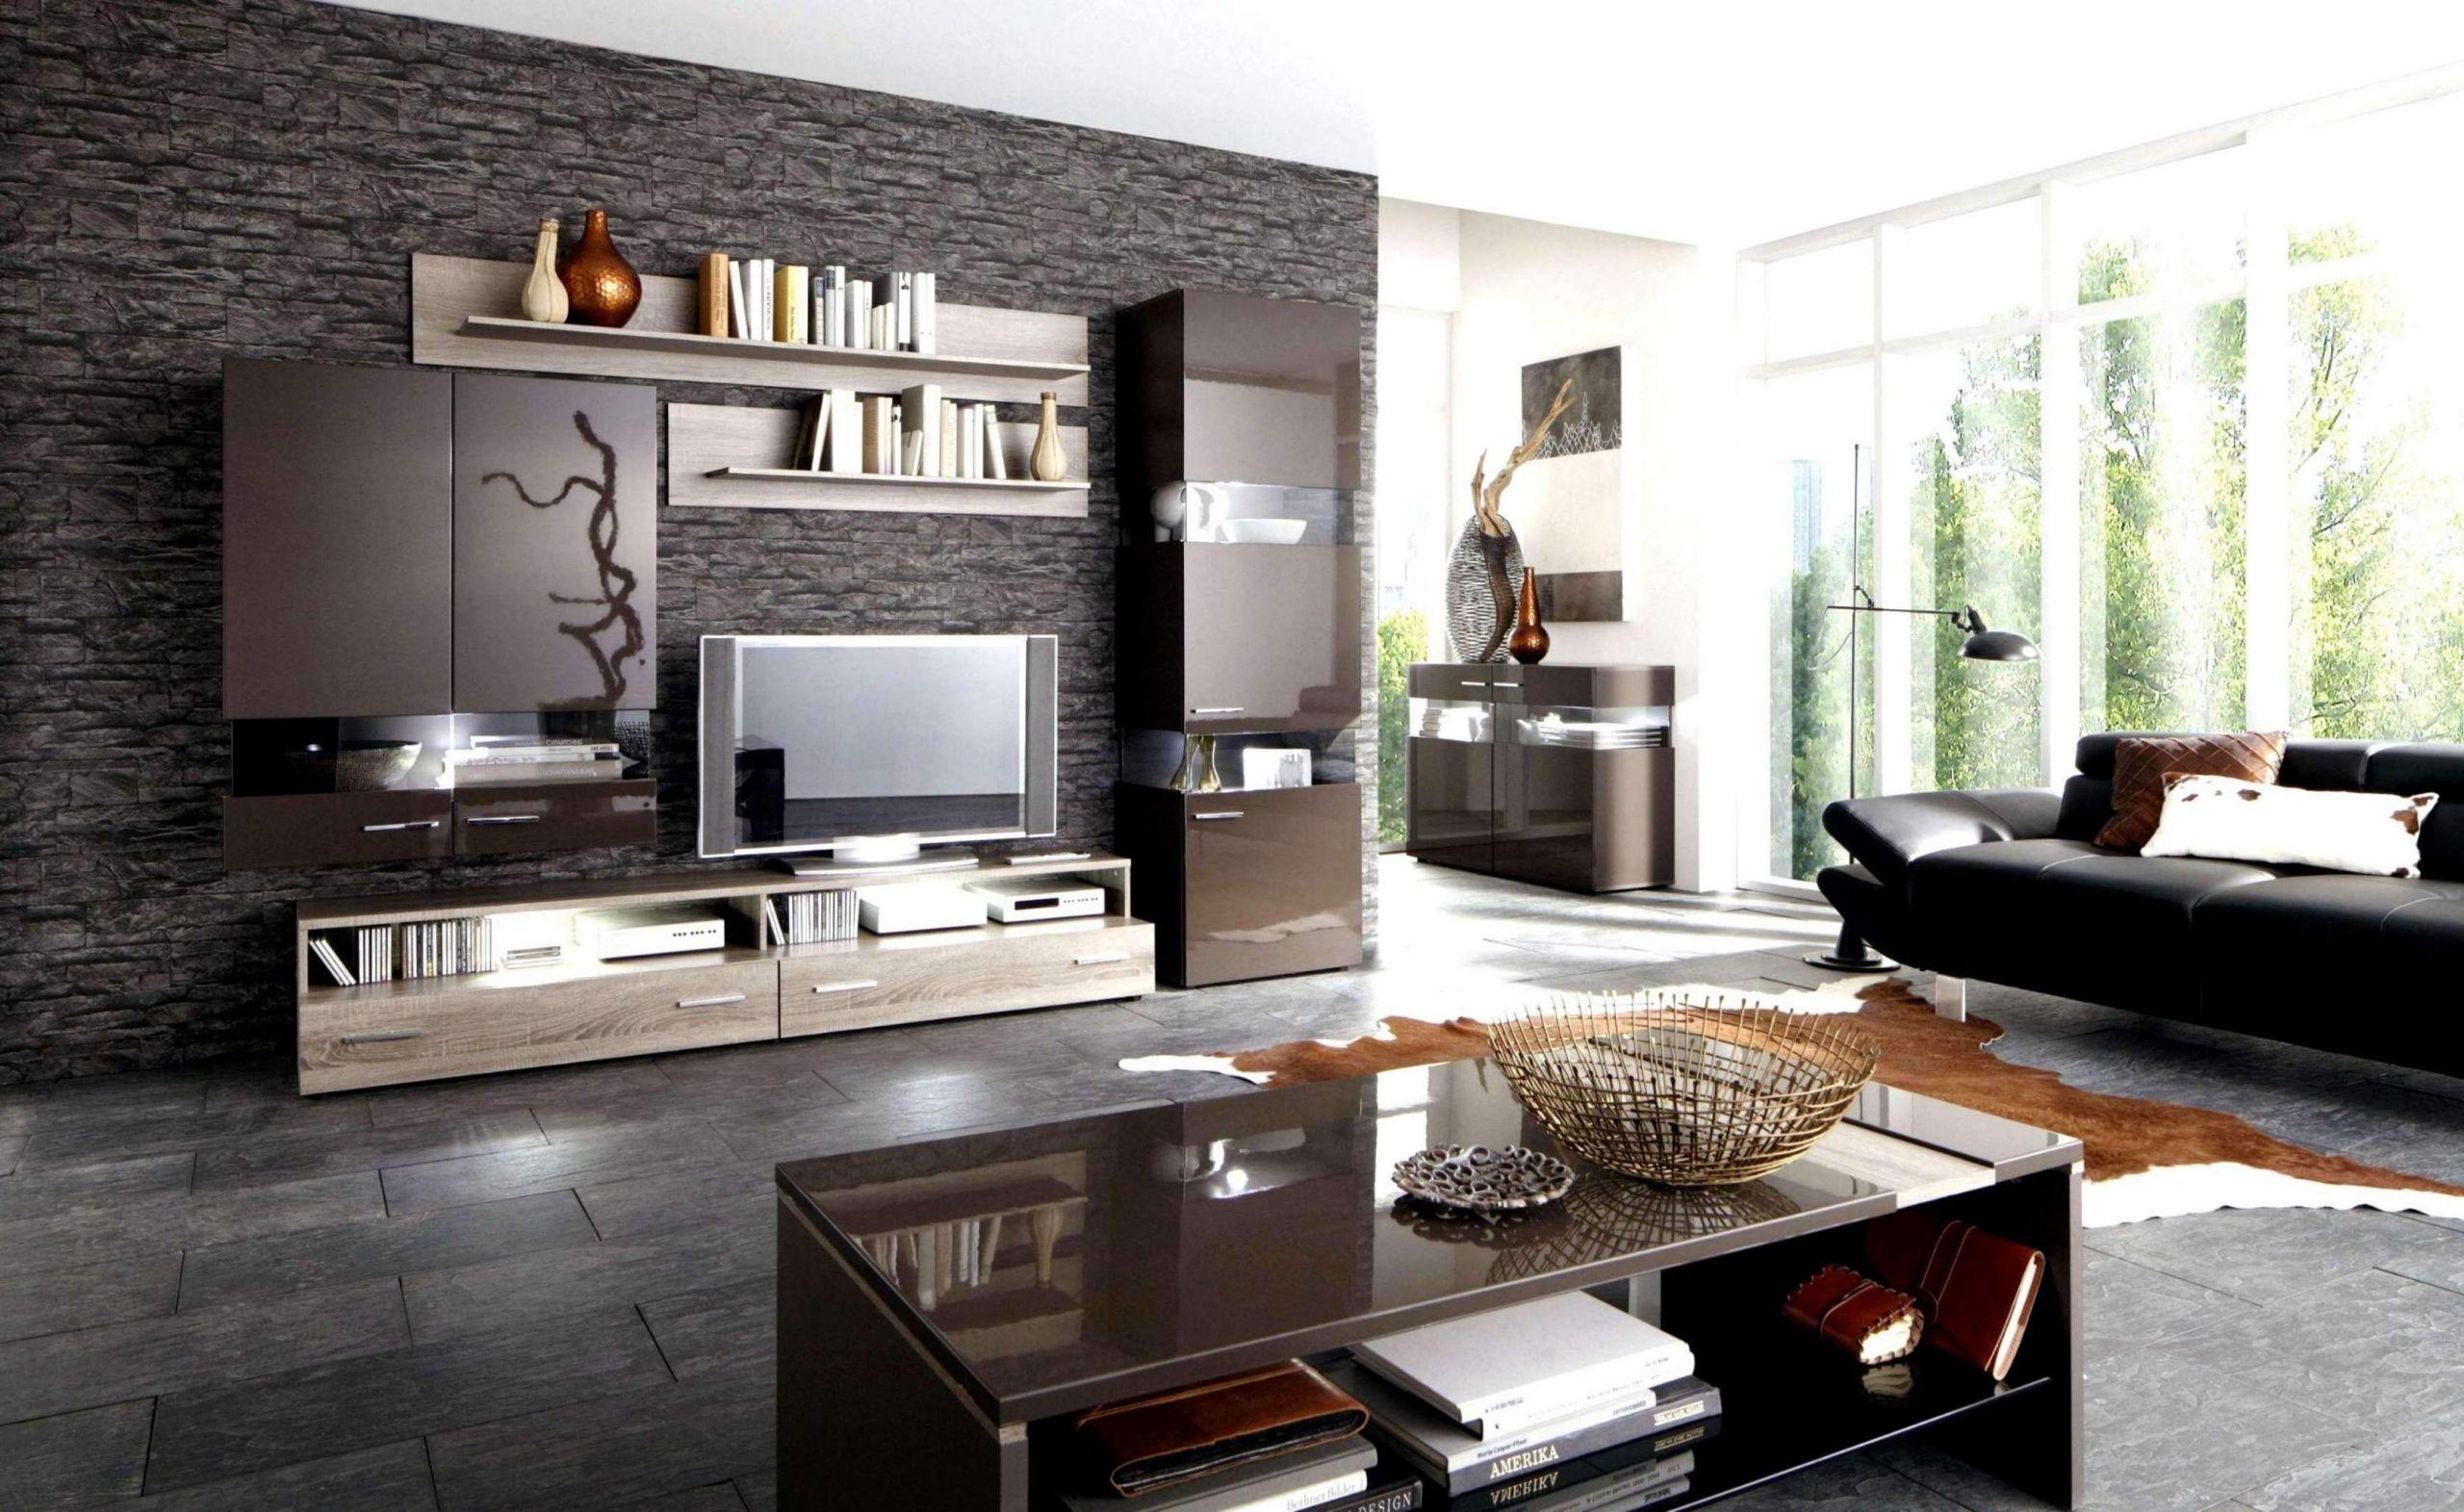 schone wohnzimmer einzigartig baum fur wohnzimmer temobardz home blog of schone wohnzimmer 1